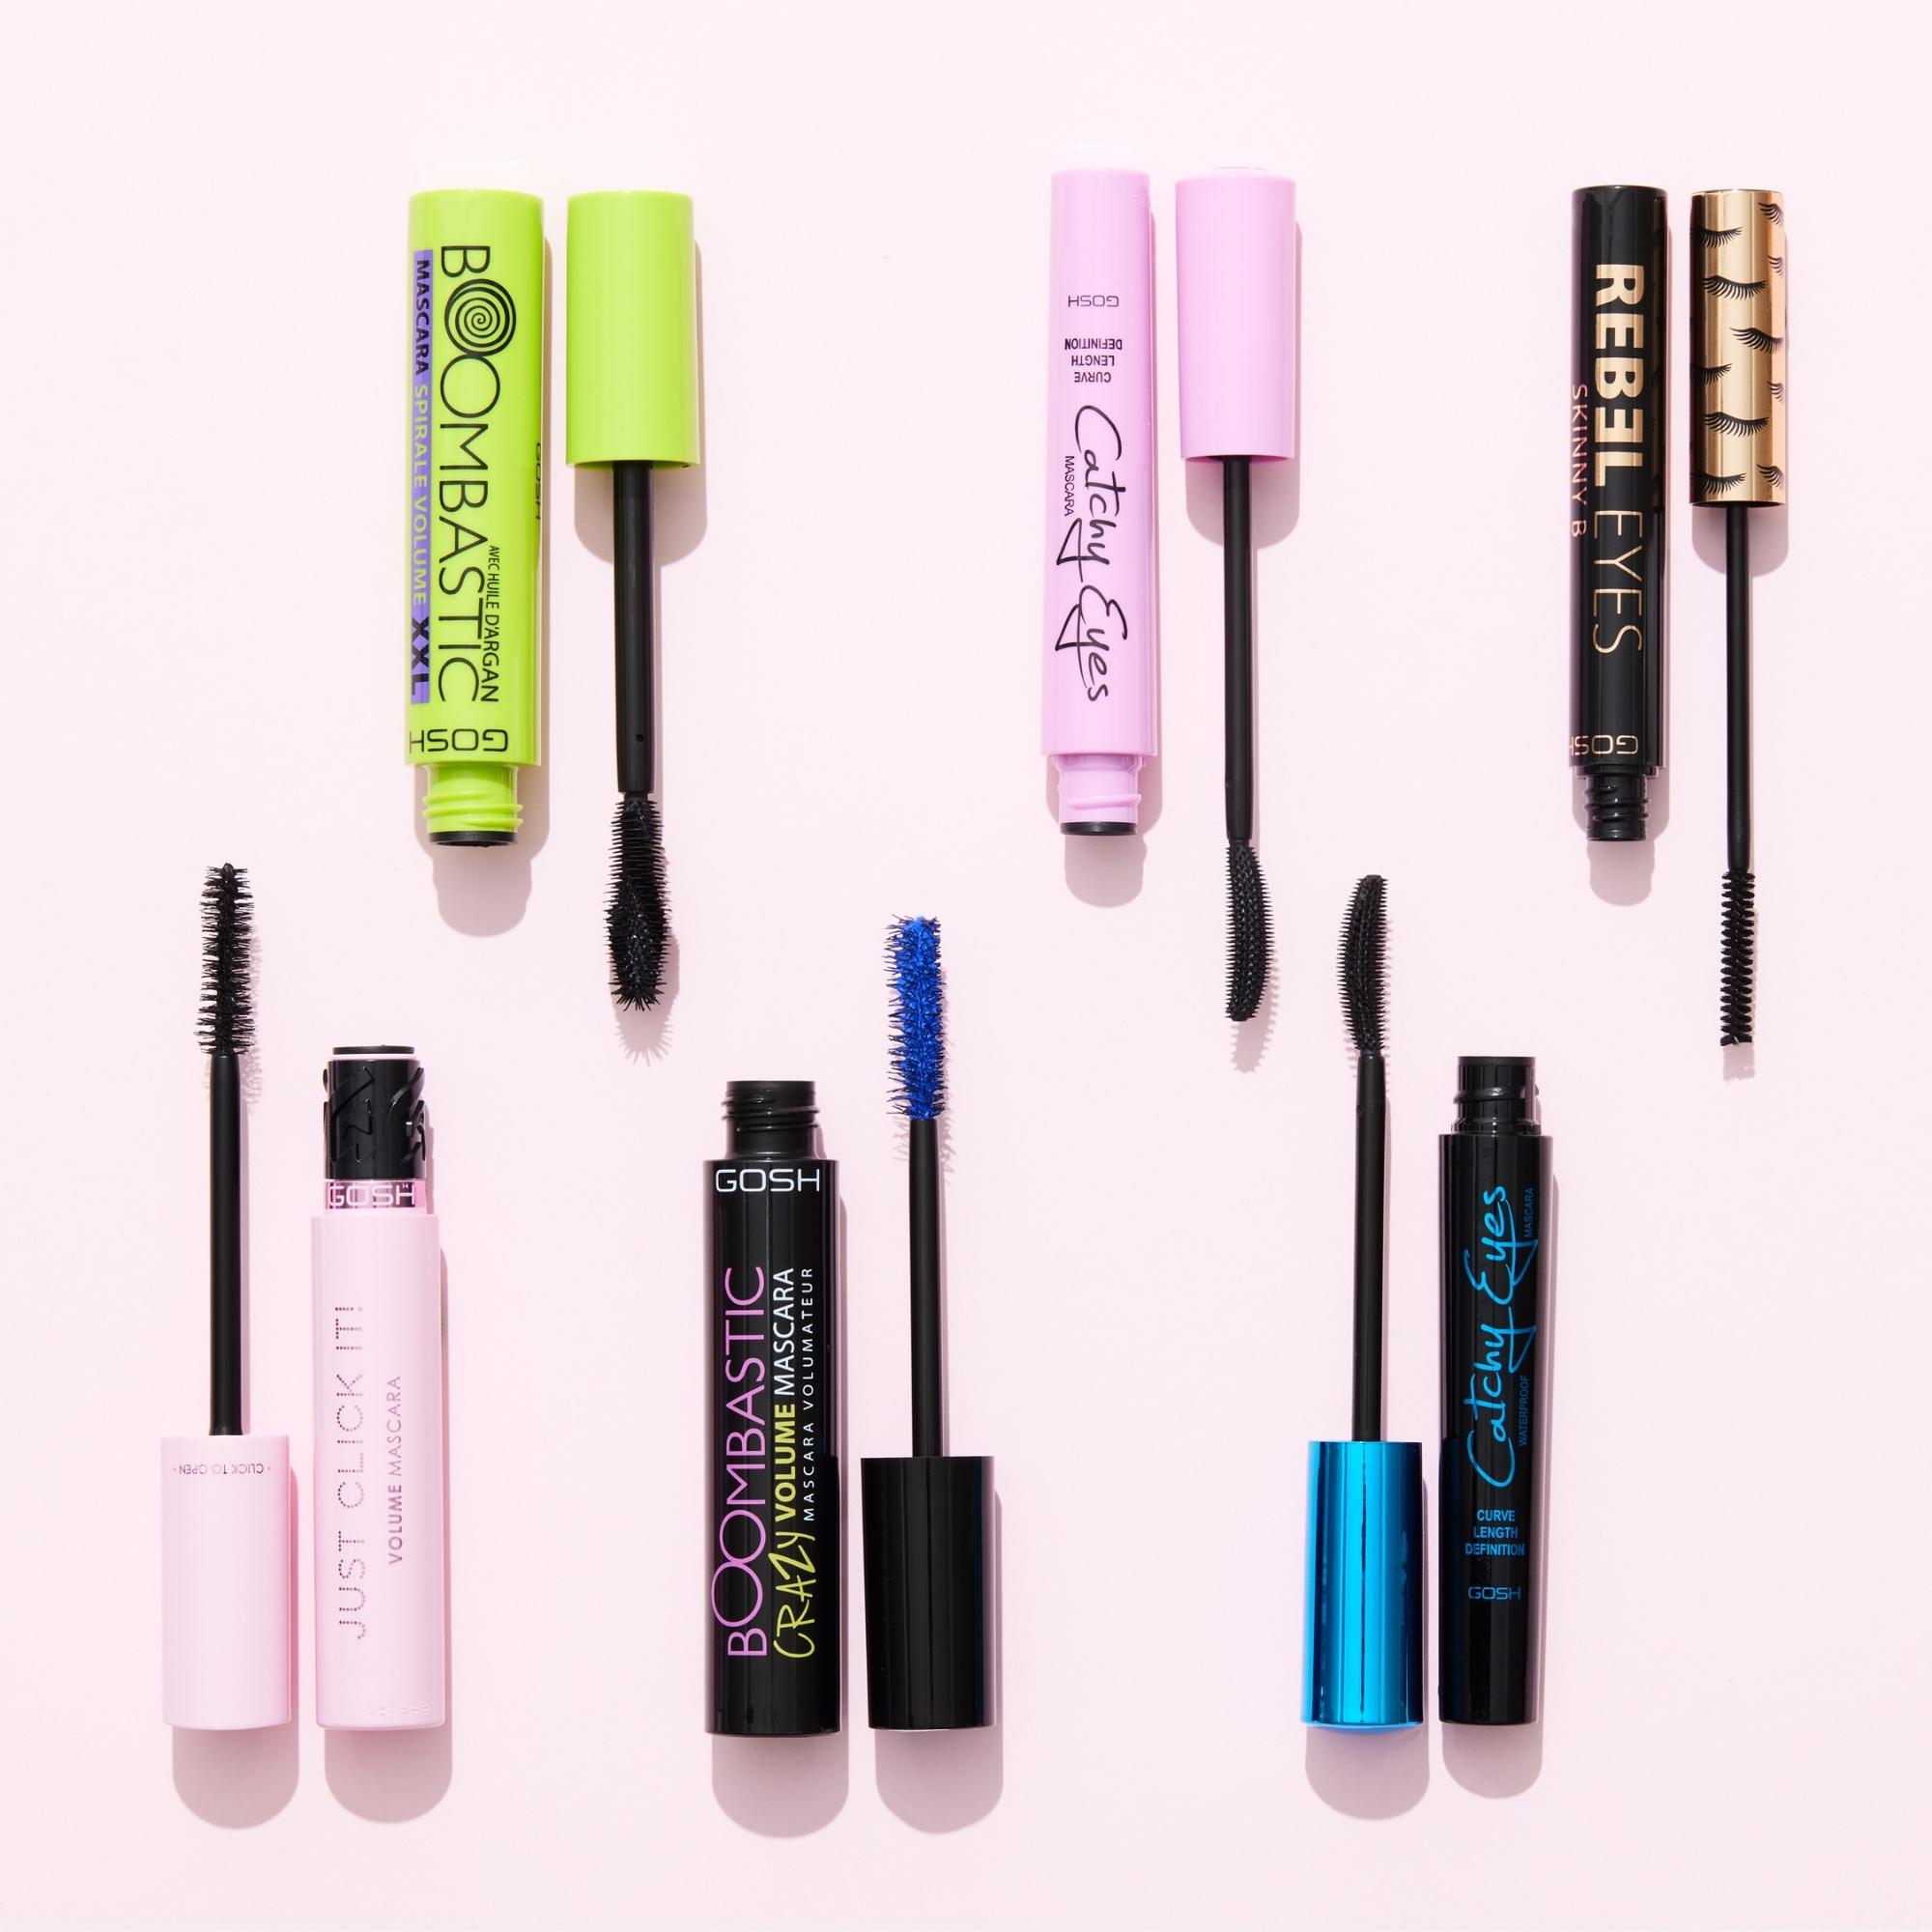 Hvilken mascara passer bedst til dig?